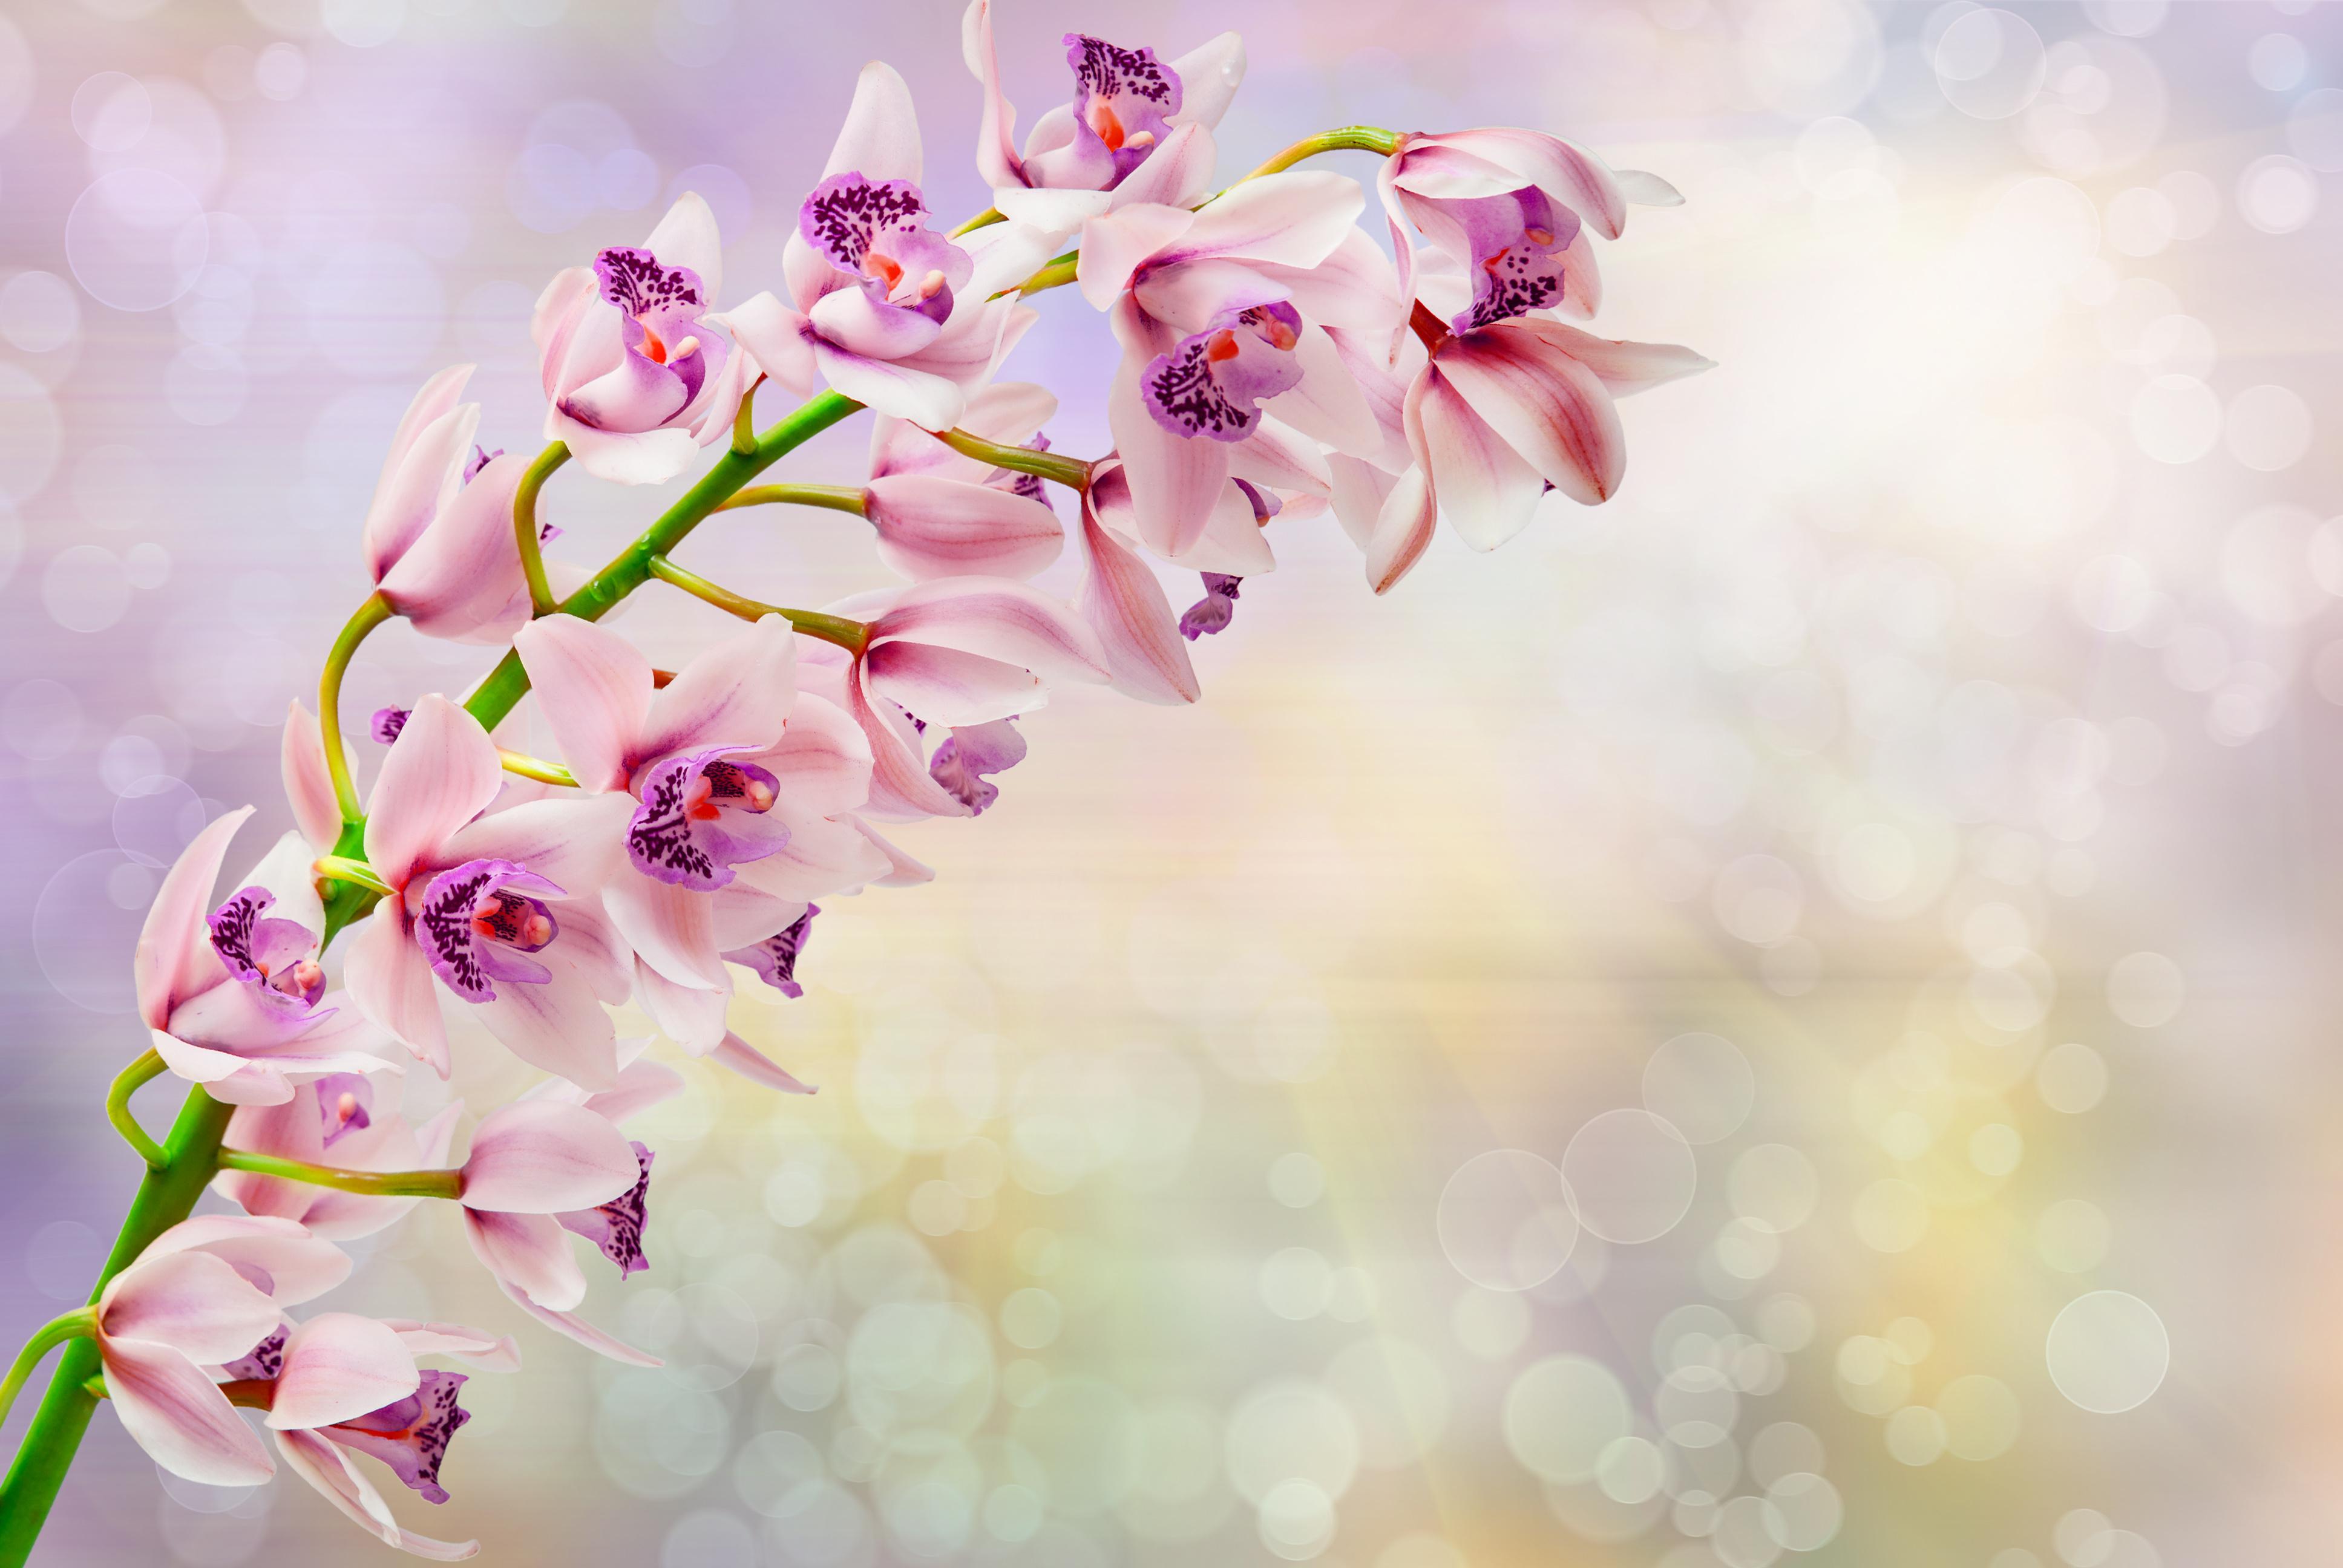 Красивый фон цветов для открытки, марта девочкам картинками